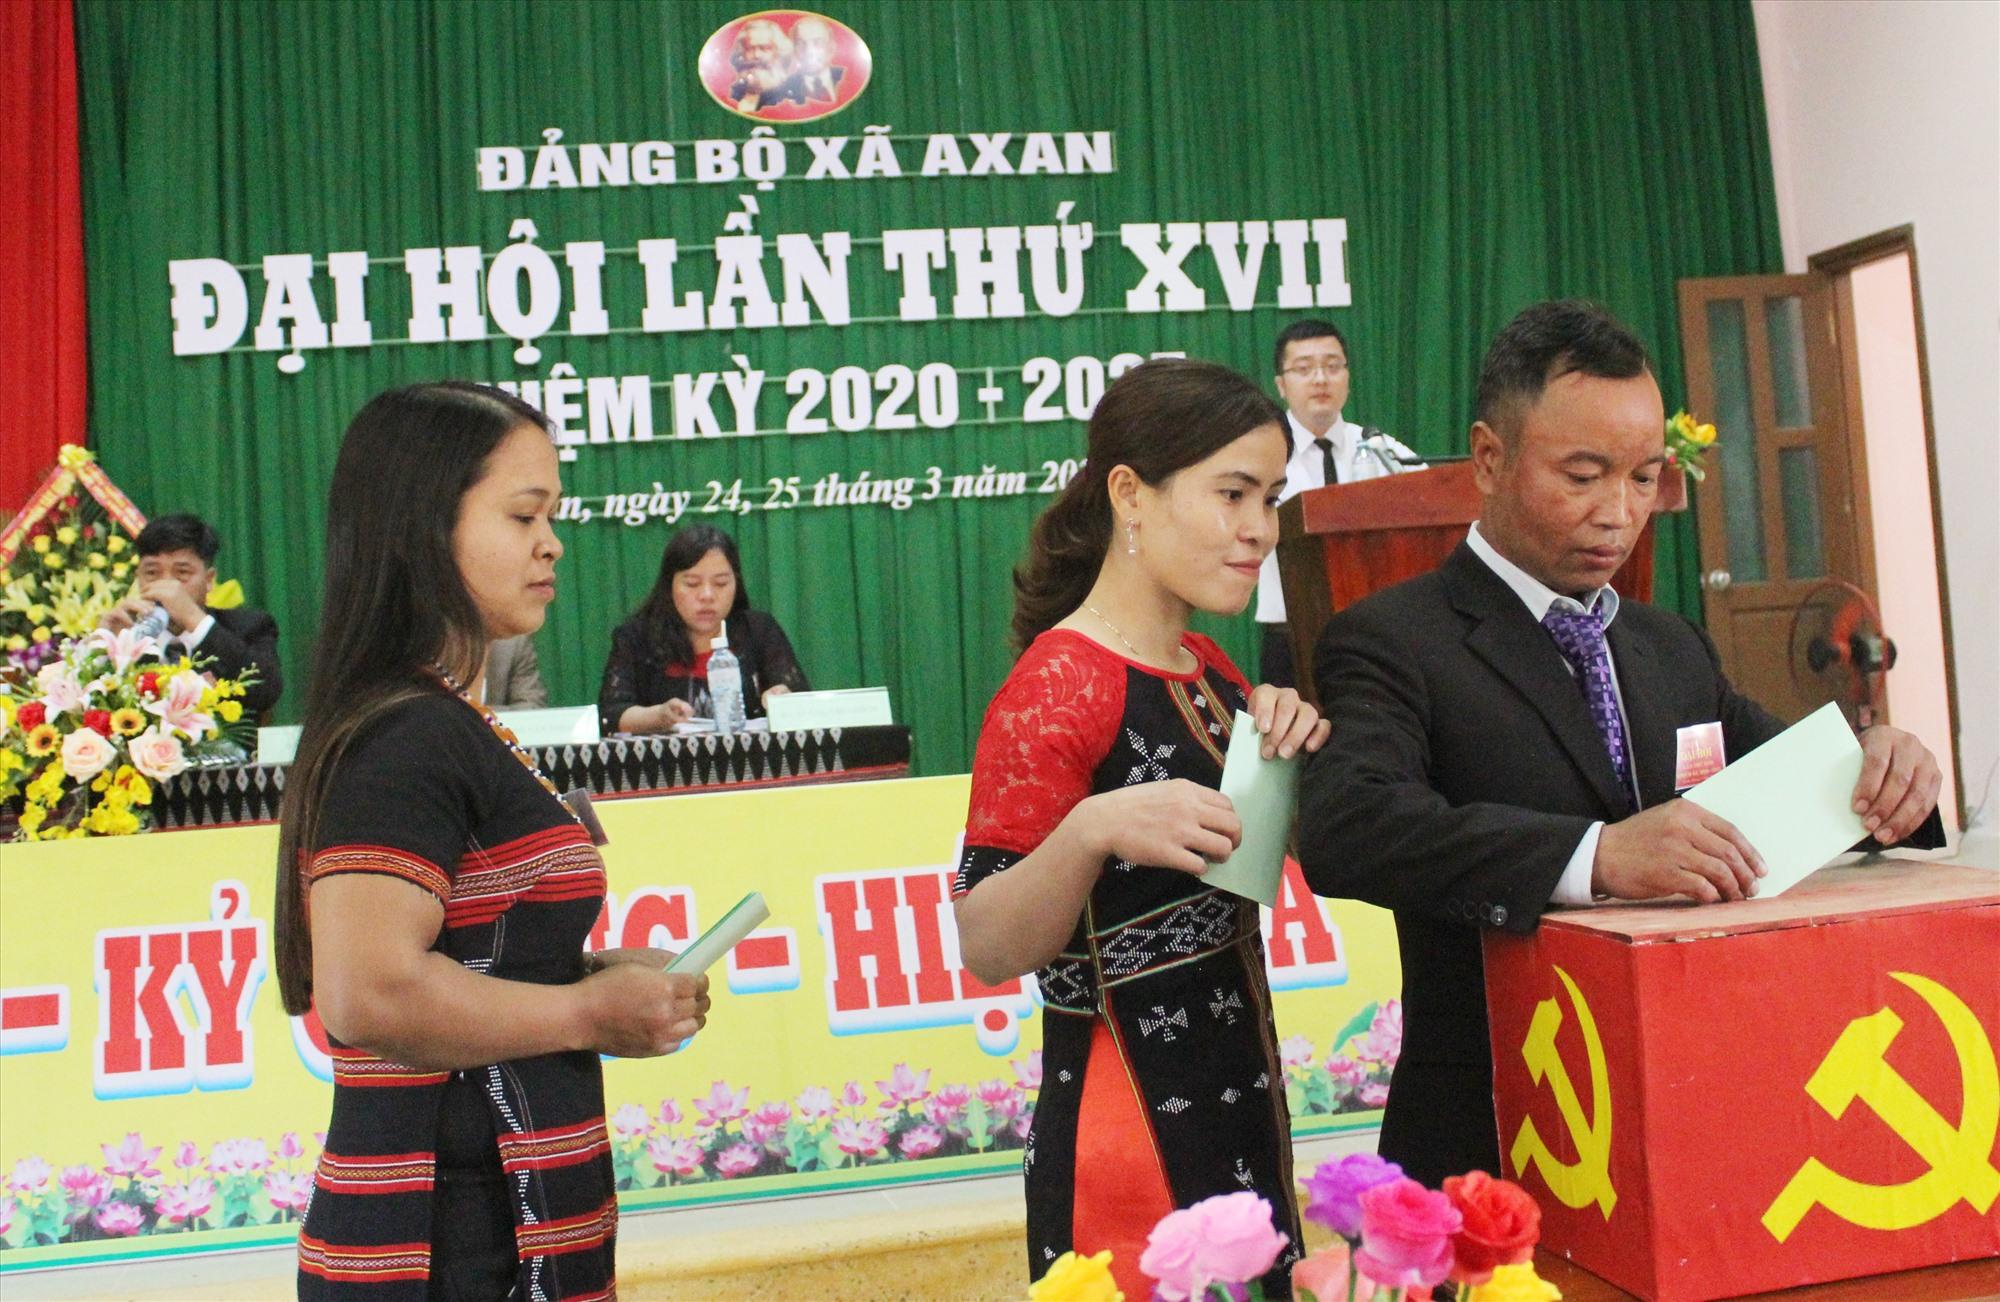 Bỏ phiếu bầu ban chấp hành khóa mới tại Đại hội Đảng bộ xã A Xan. Ảnh: Đ.H